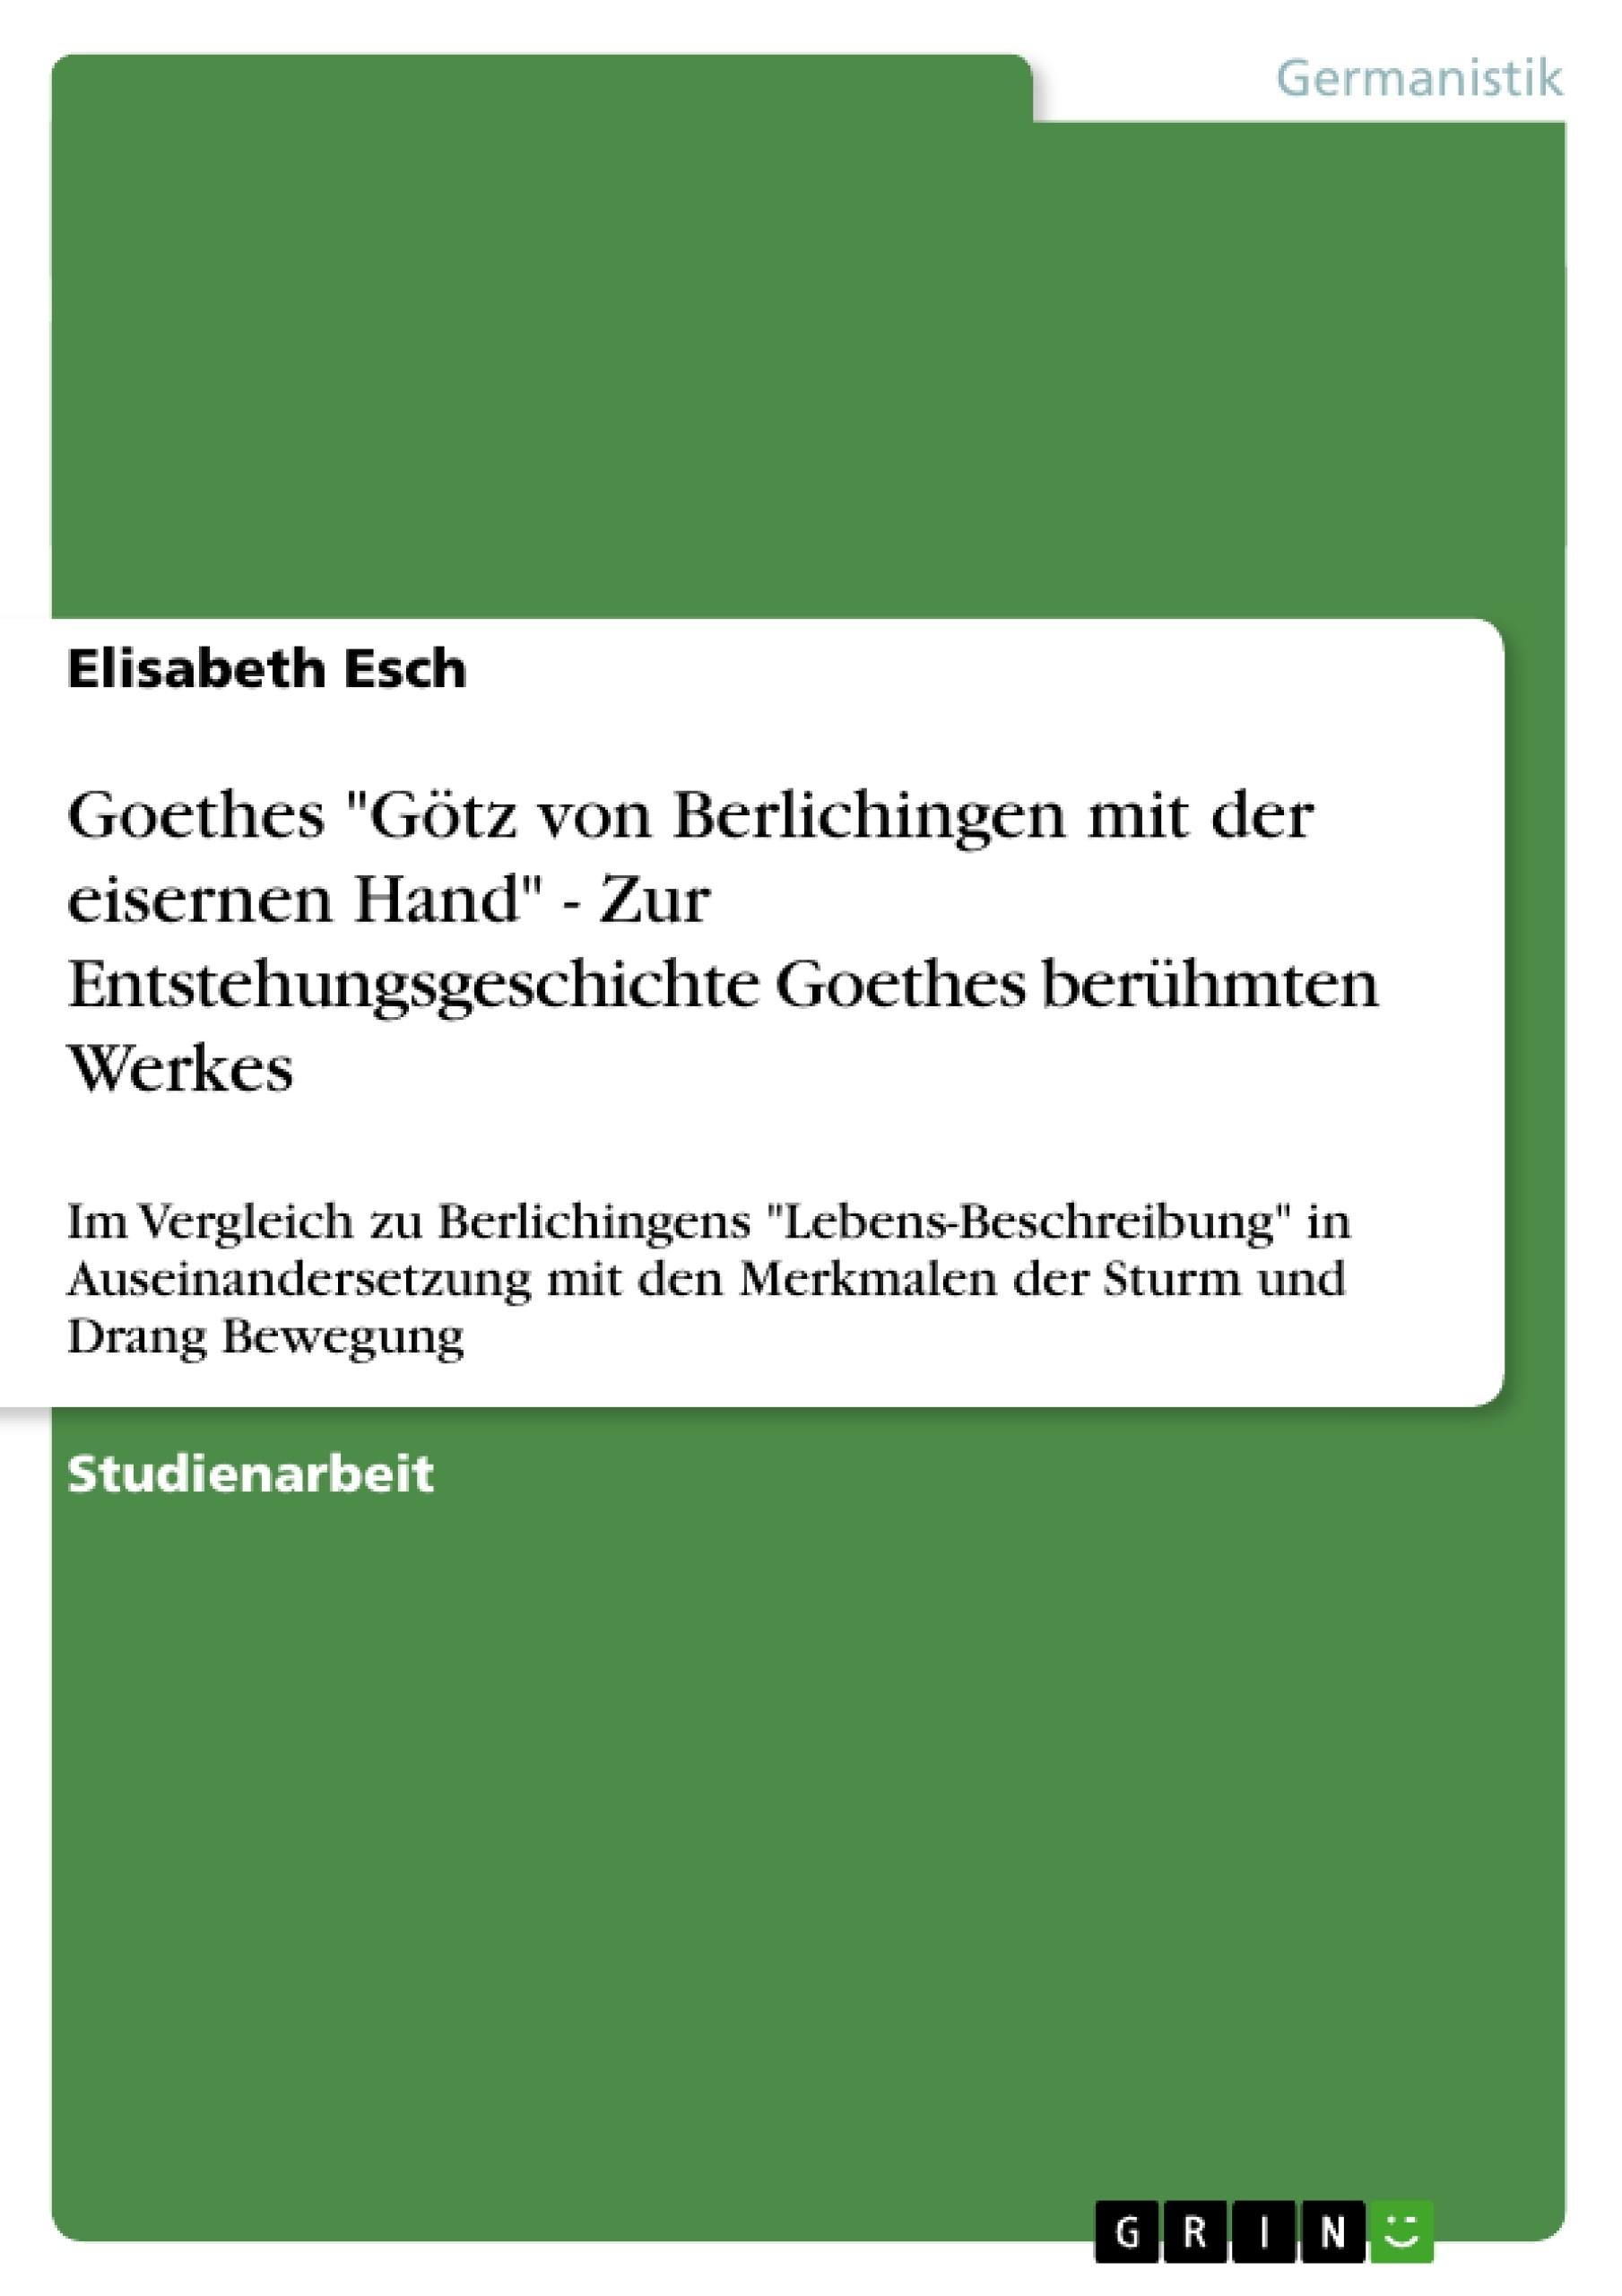 """Titel: Goethes """"Götz von Berlichingen mit der eisernen Hand"""" - Zur Entstehungsgeschichte Goethes berühmten Werkes"""